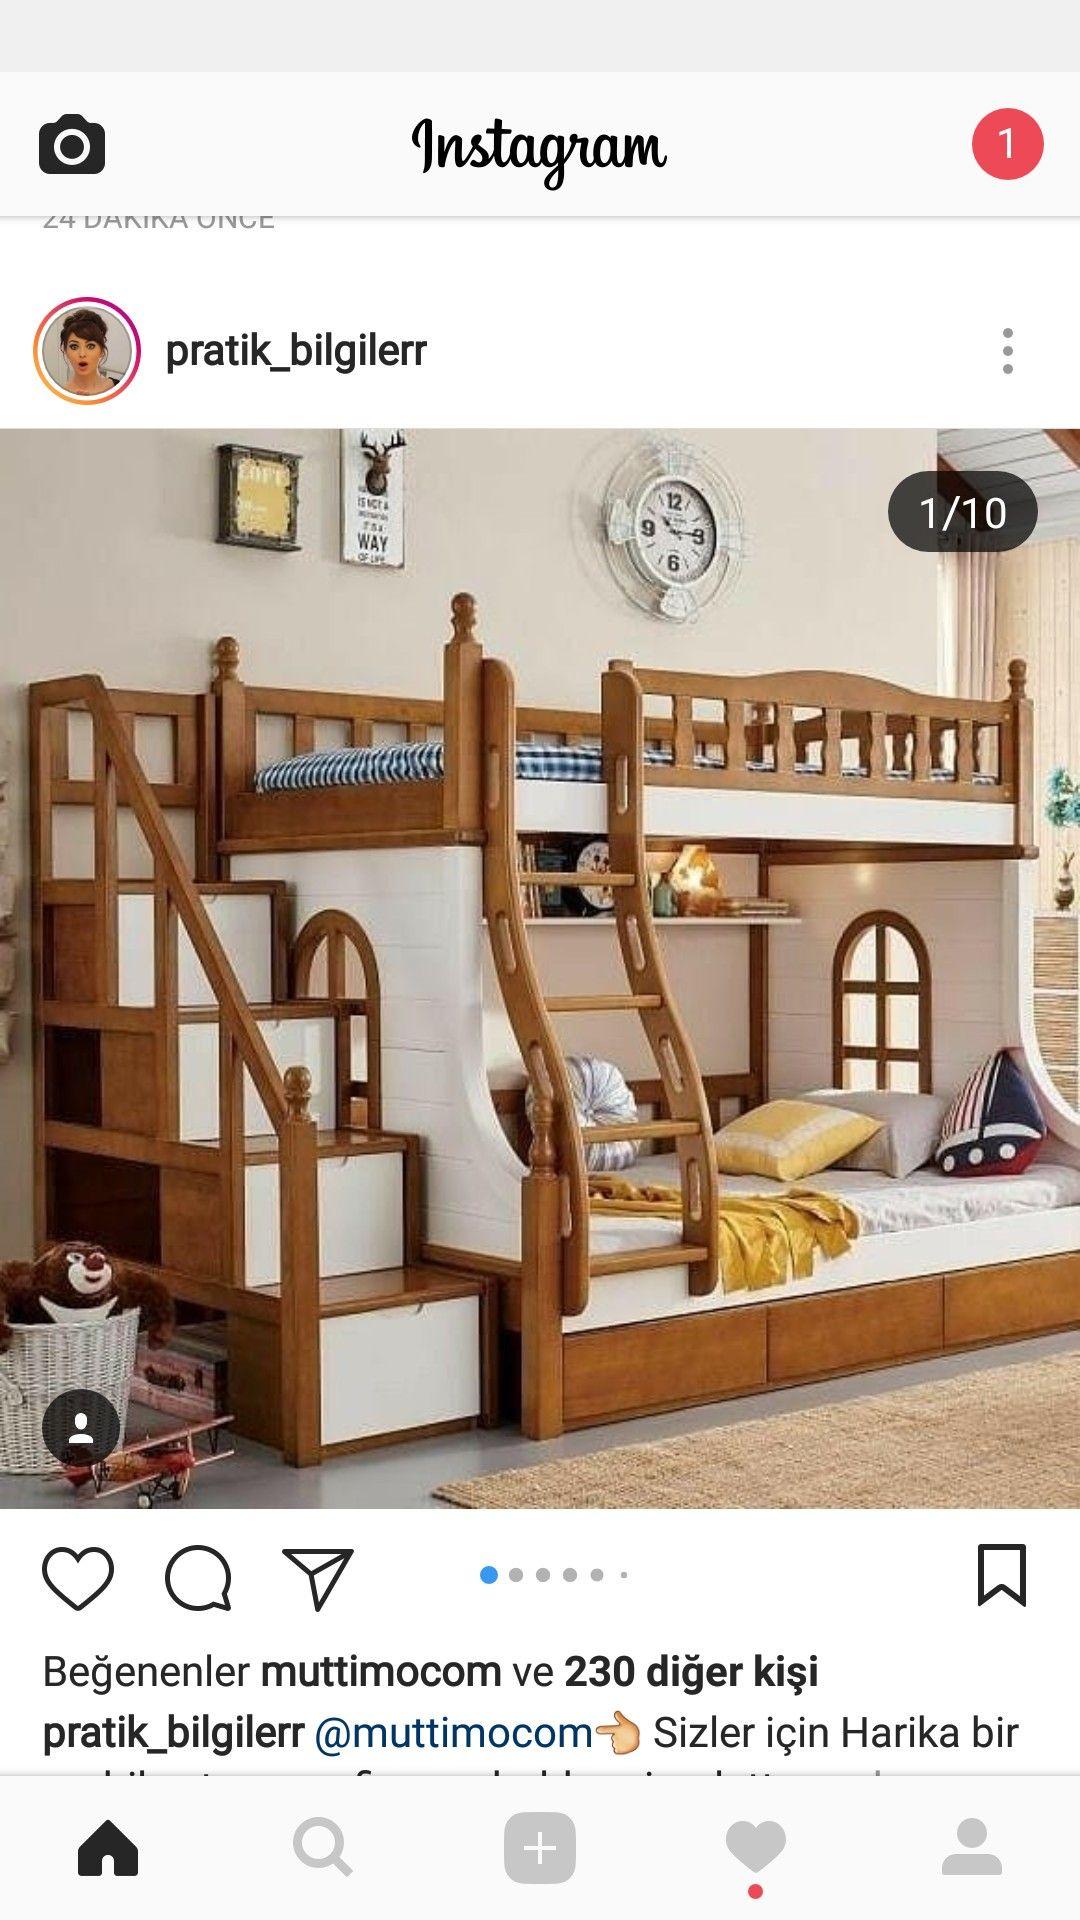 Παιδικό δωματιο Παιωνιες Pinterest